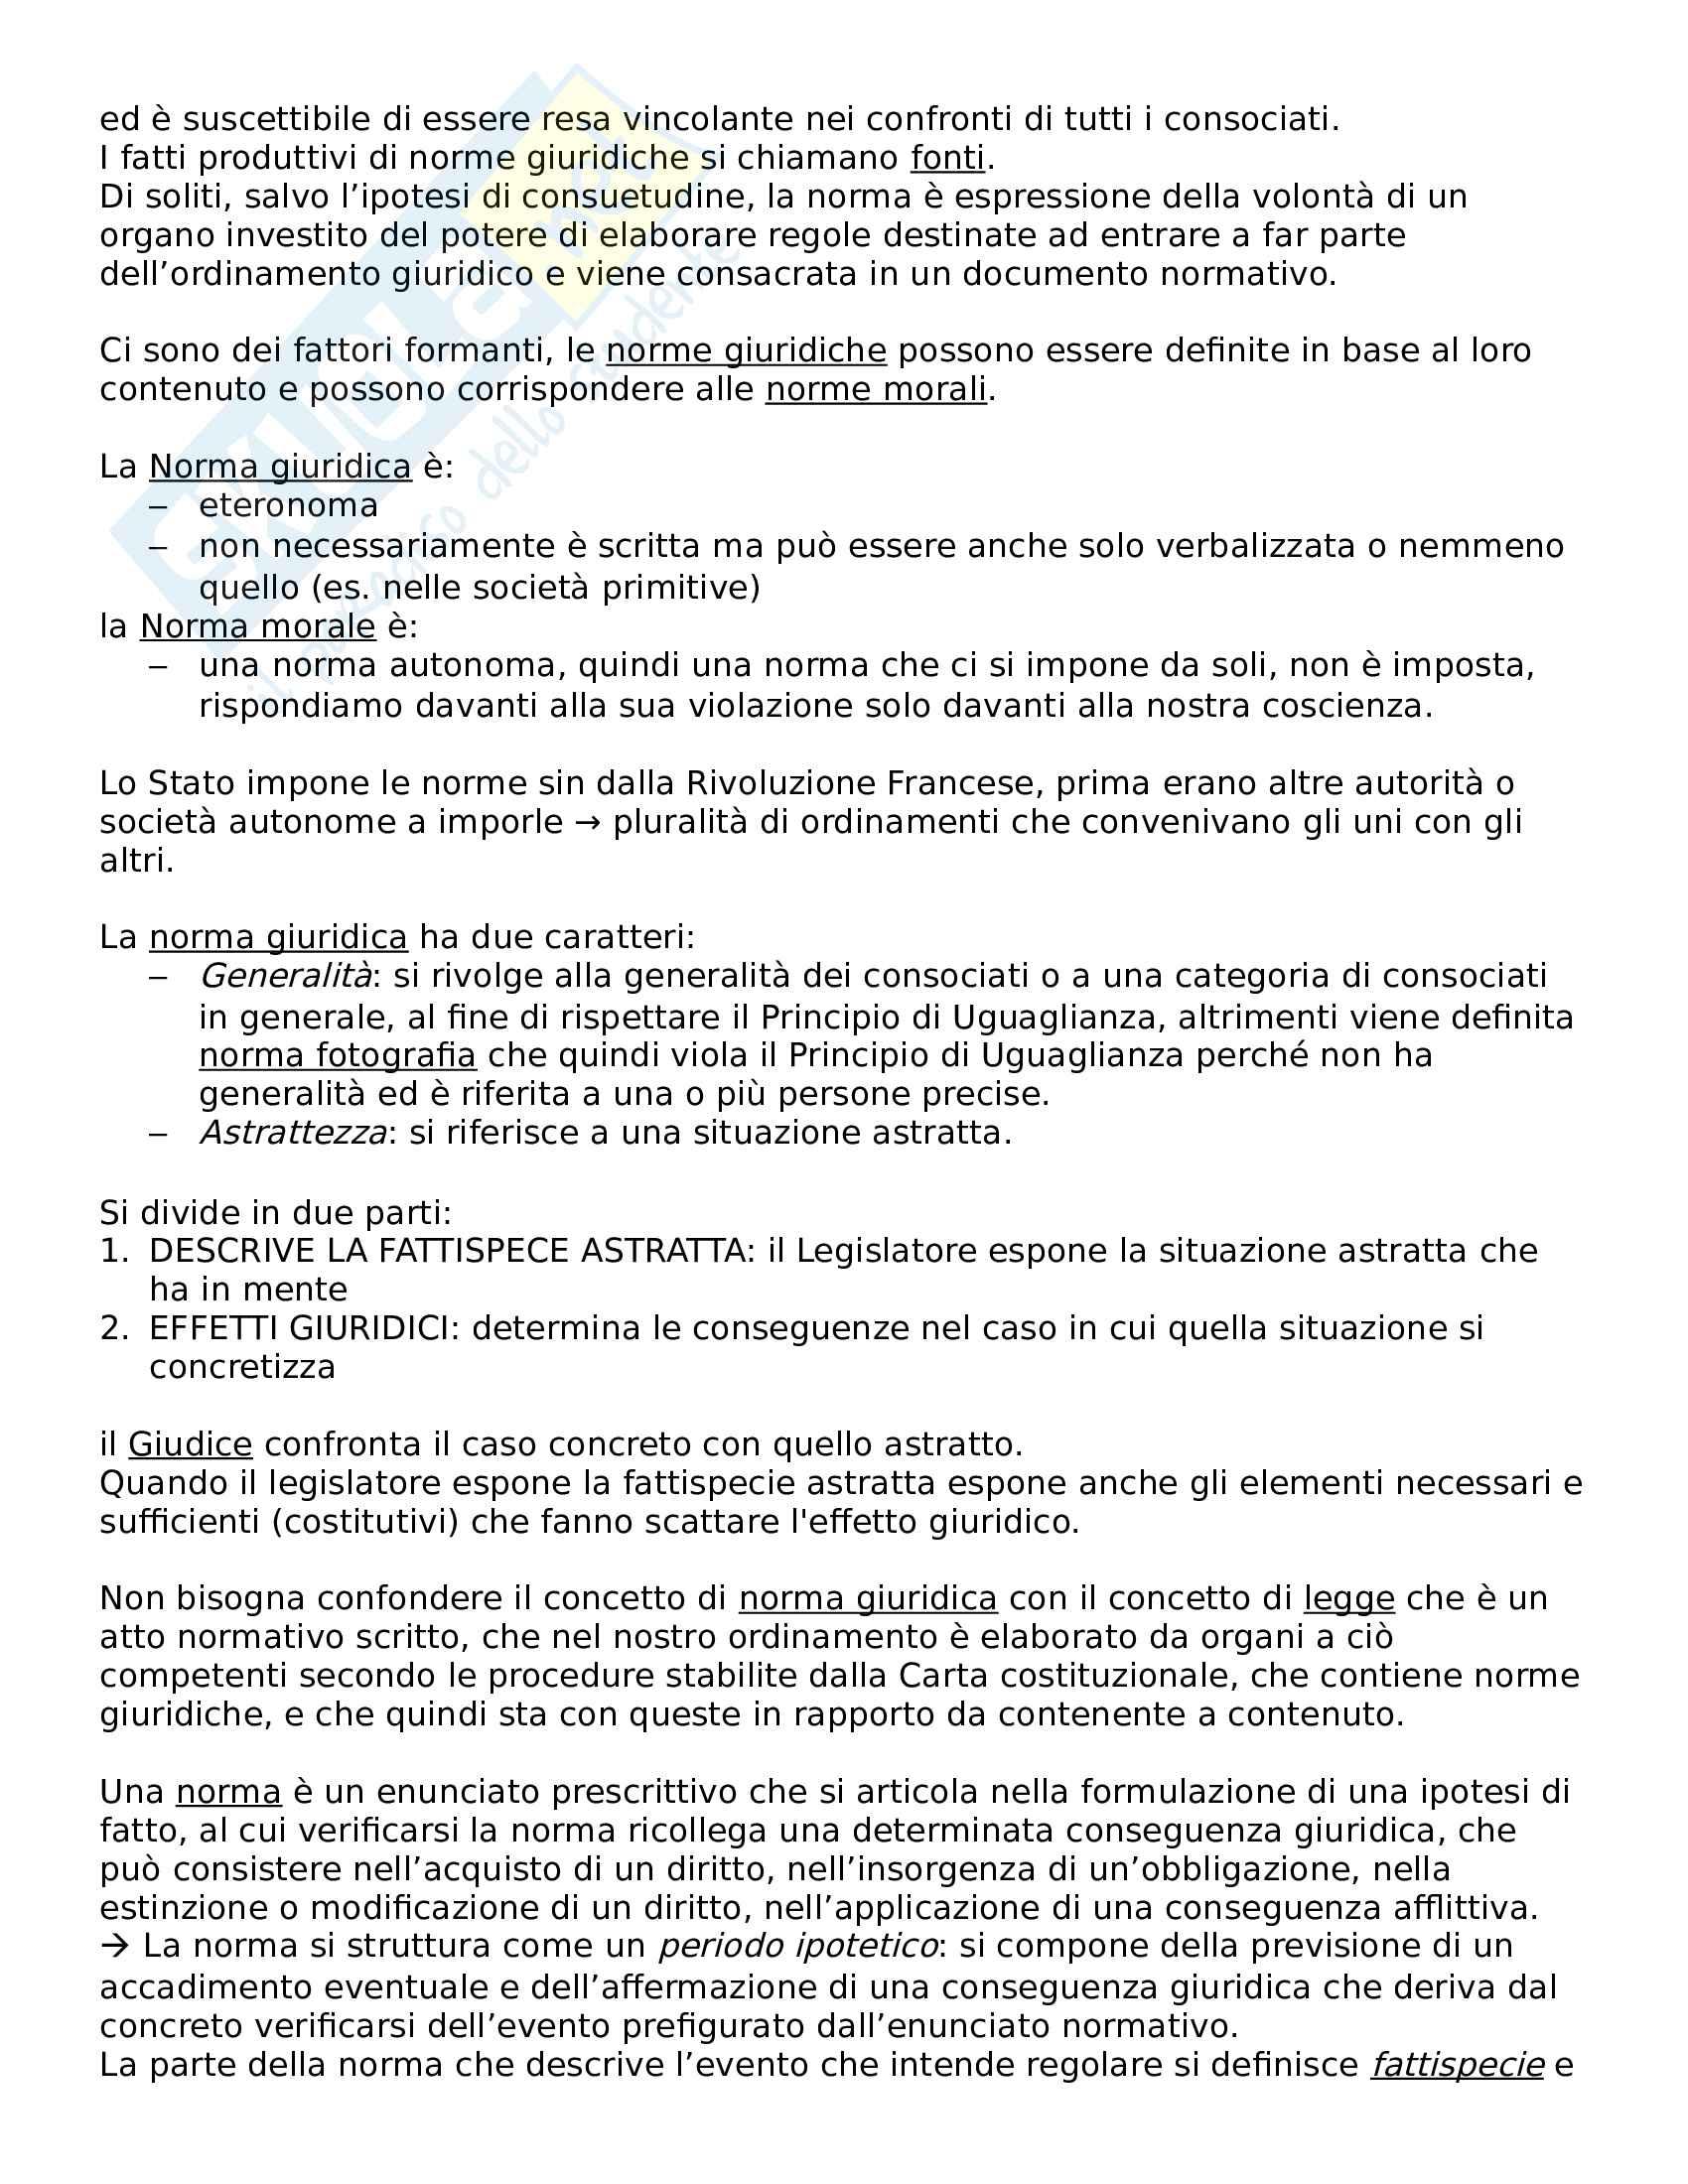 Riassunto di diritto privato, prof. Rajneri Pag. 2